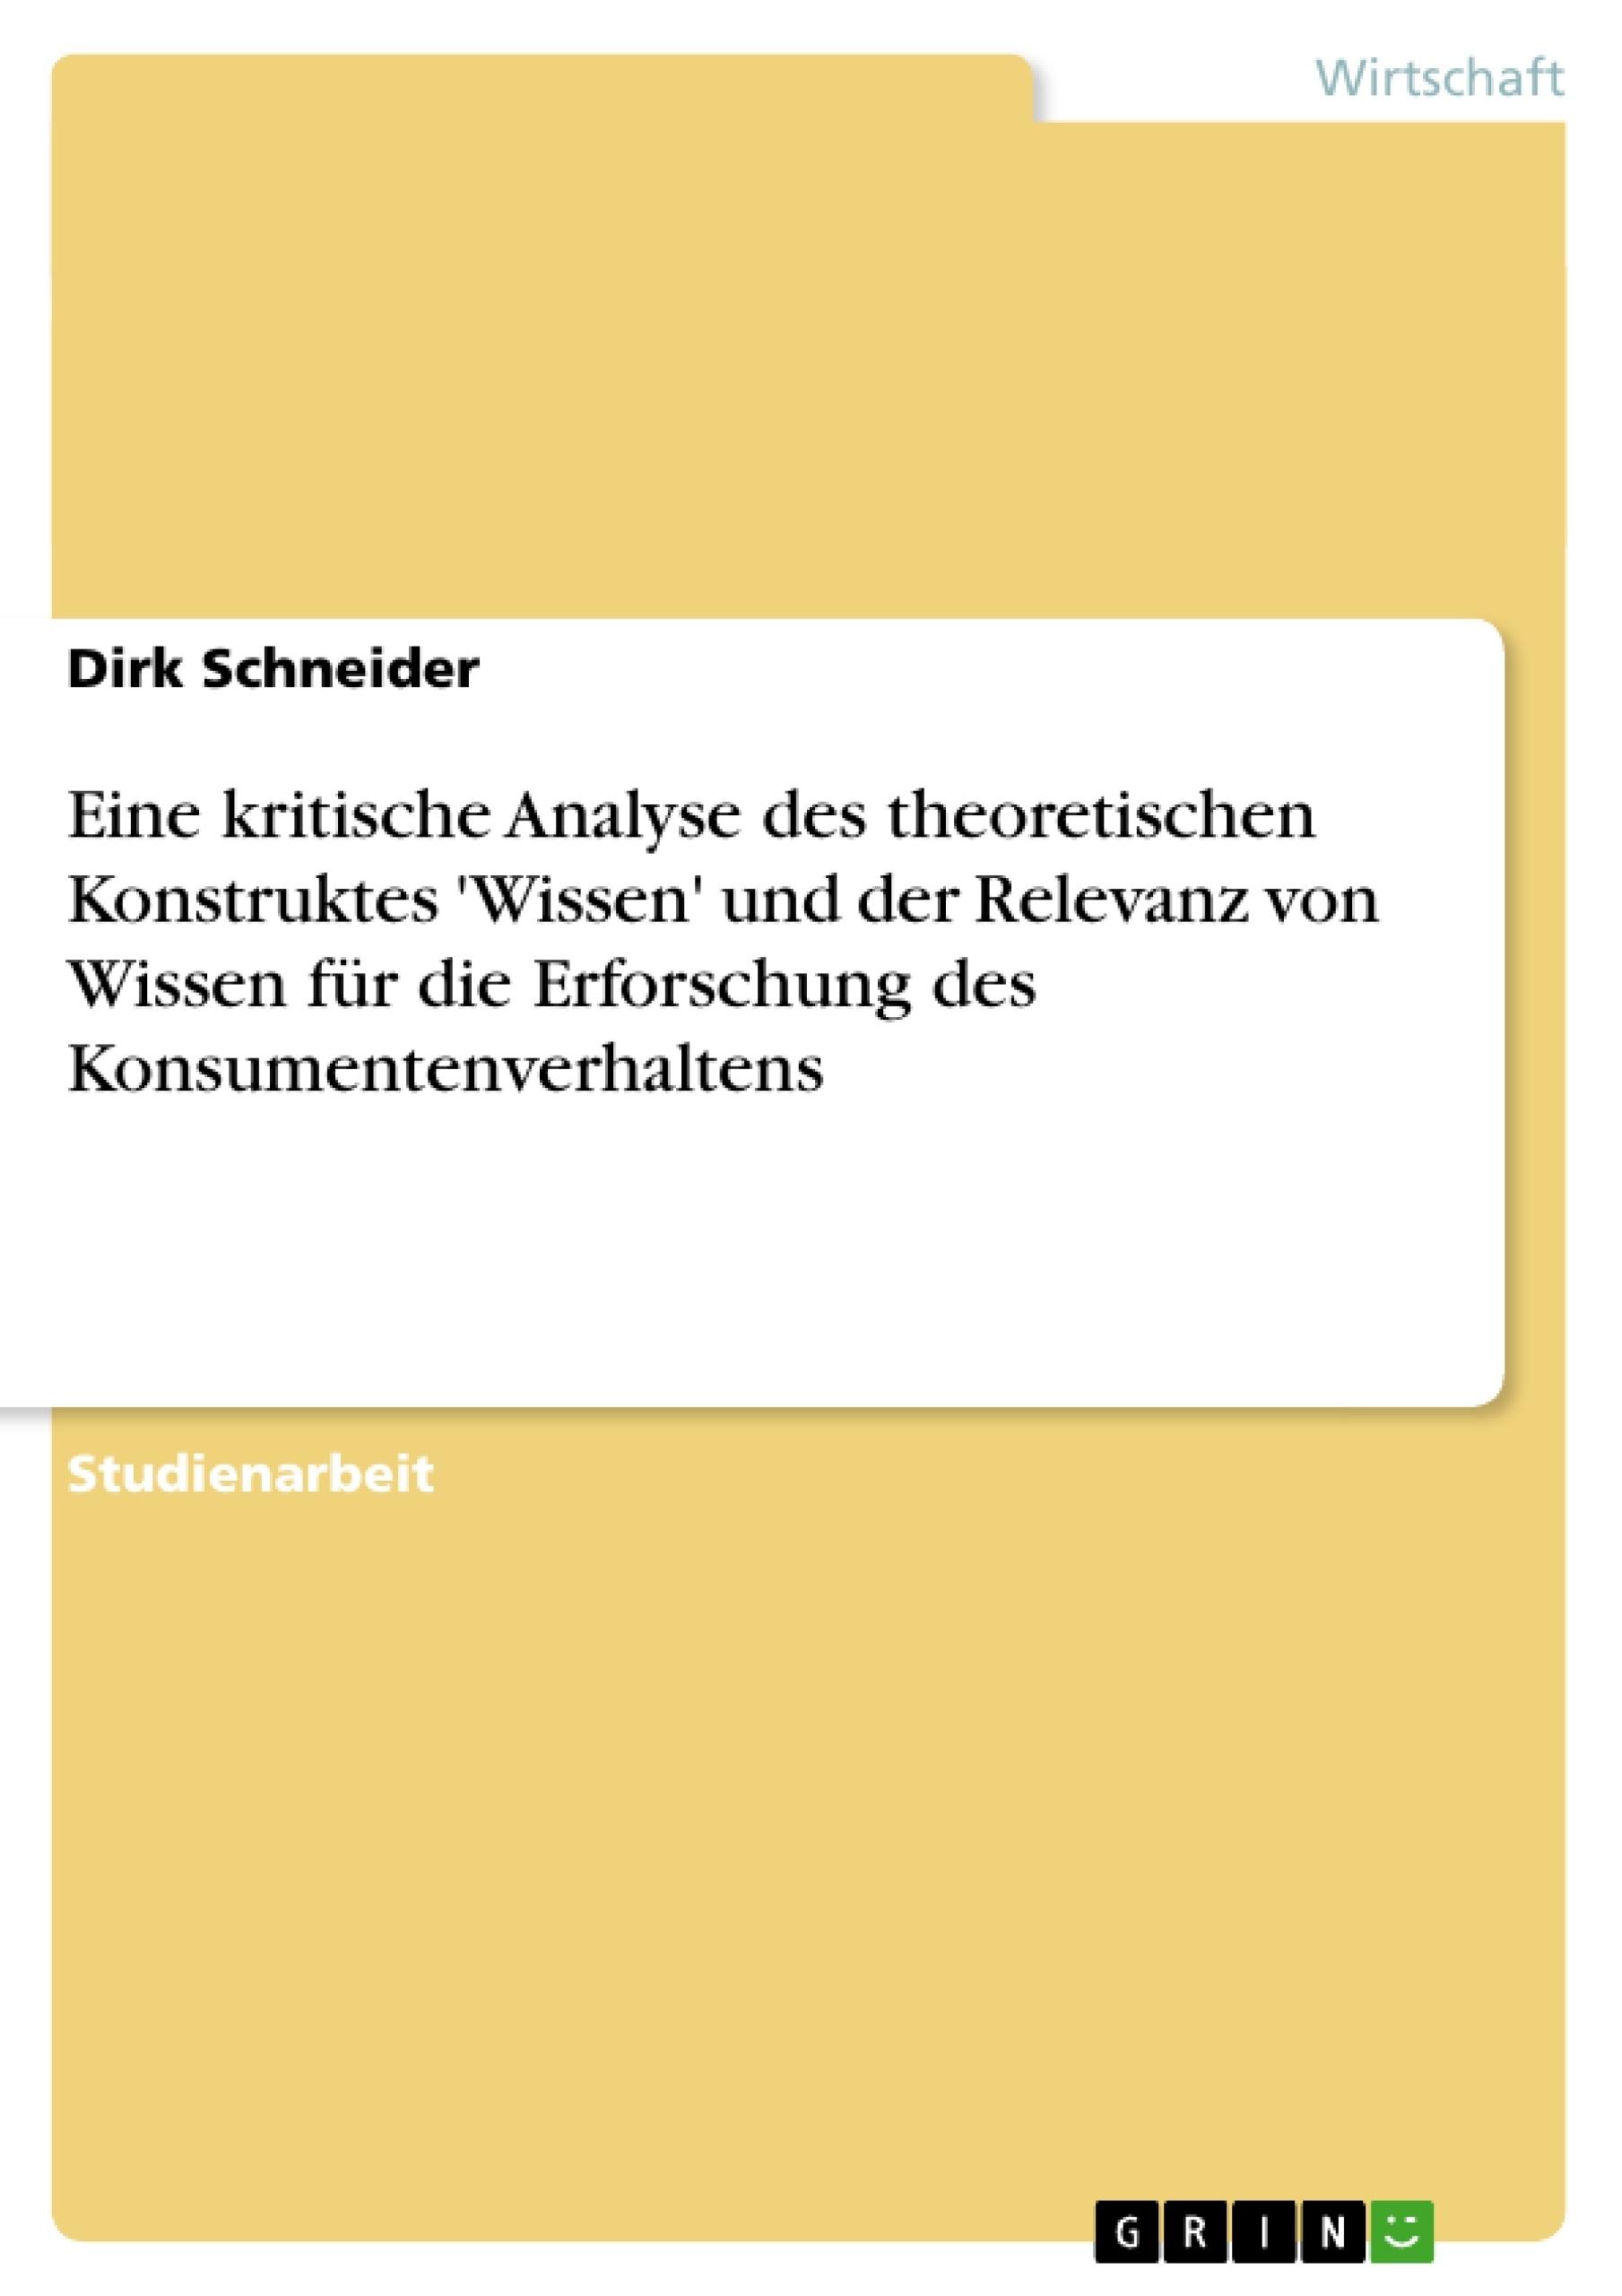 Titel: Eine kritische Analyse des theoretischen Konstruktes 'Wissen' und der Relevanz von Wissen für die Erforschung des Konsumentenverhaltens